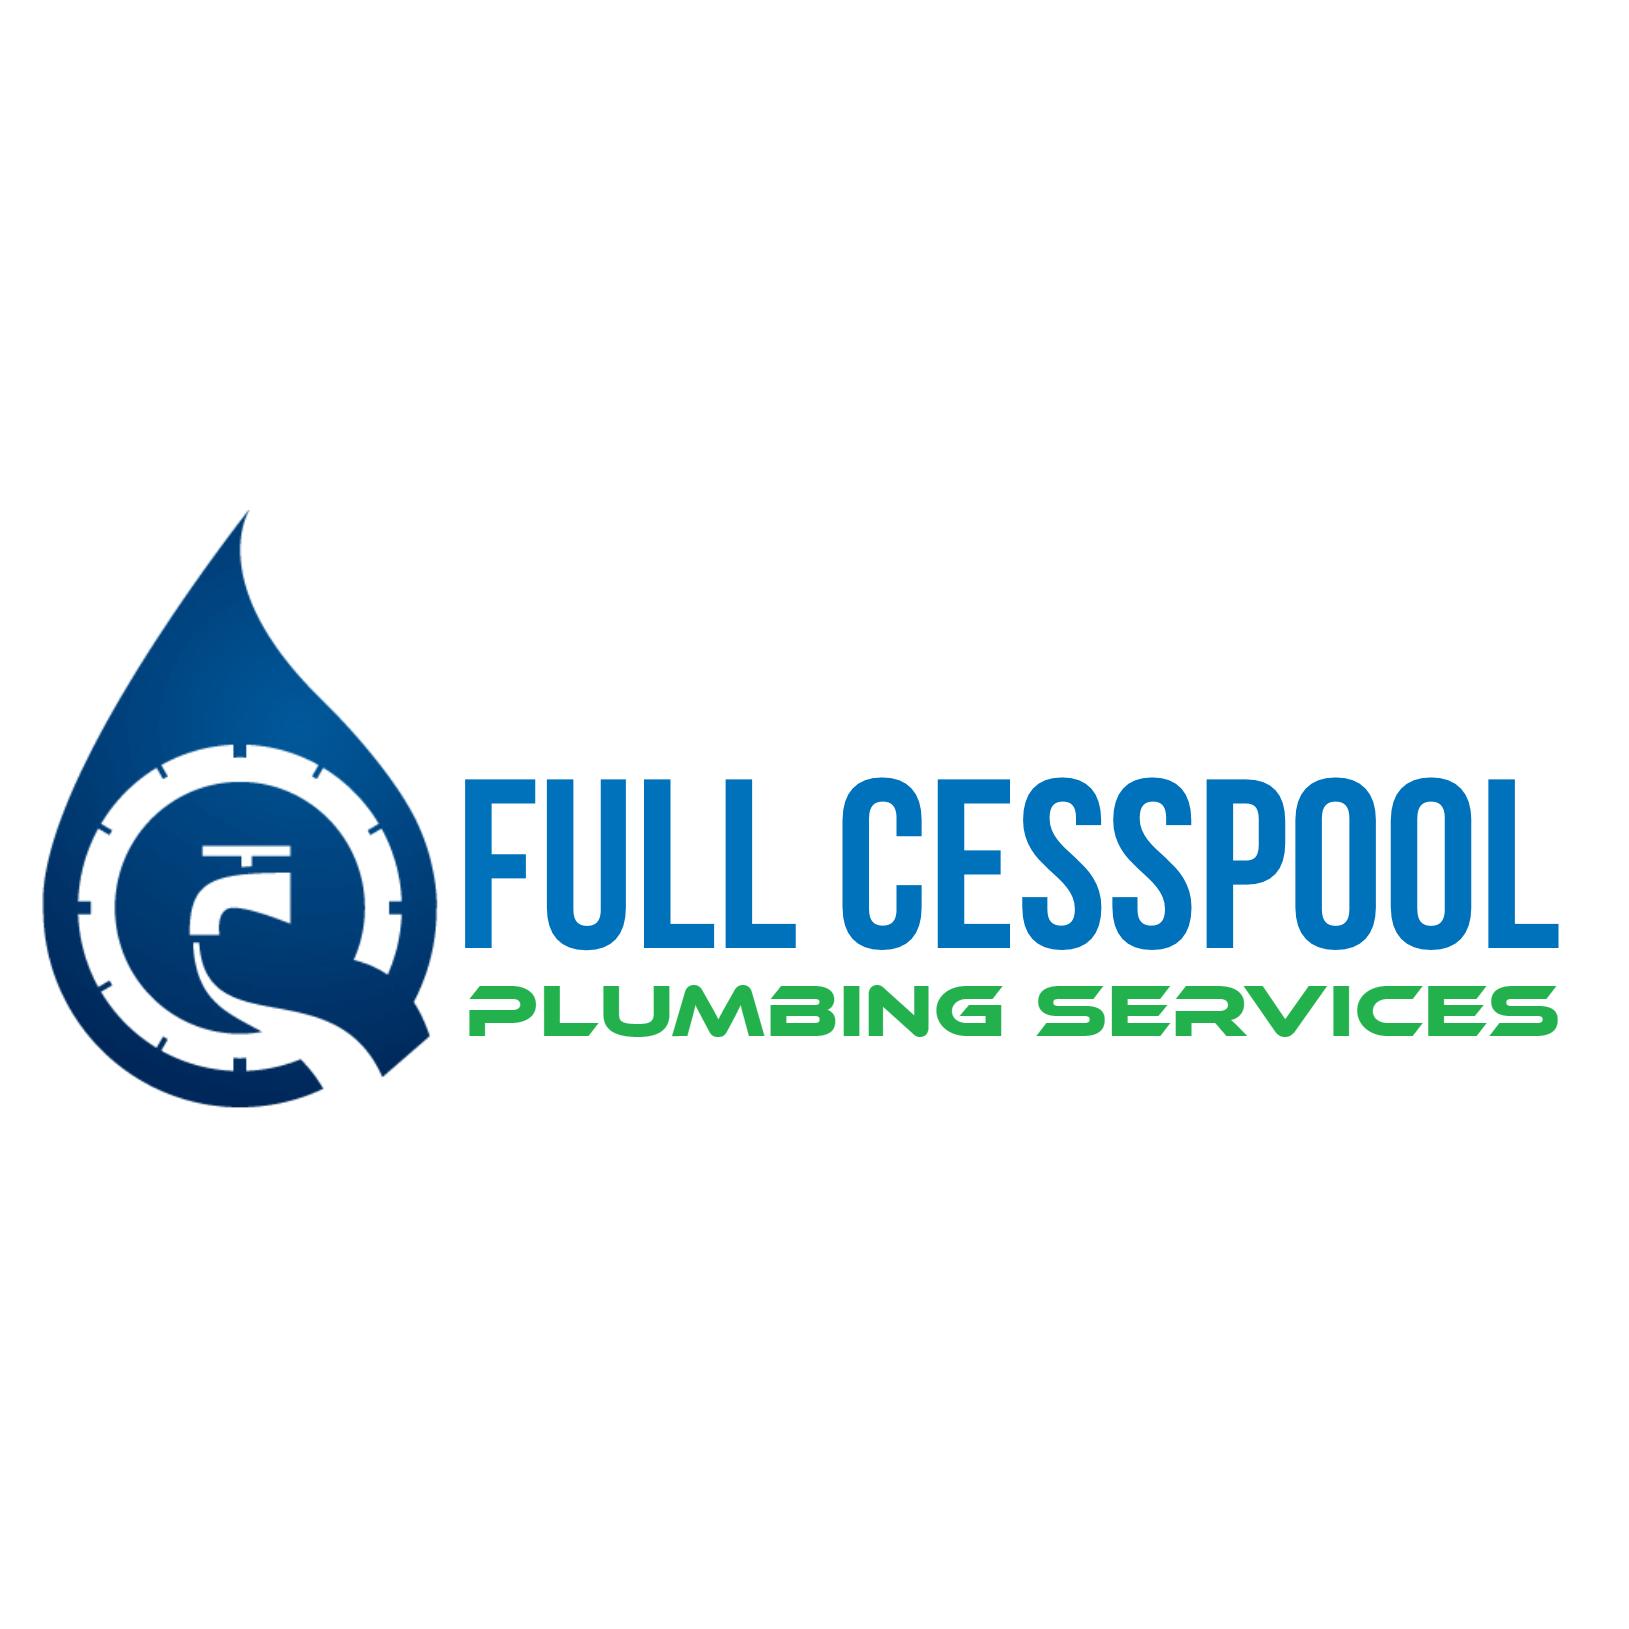 Full Cesspool Plumbing Service LLC